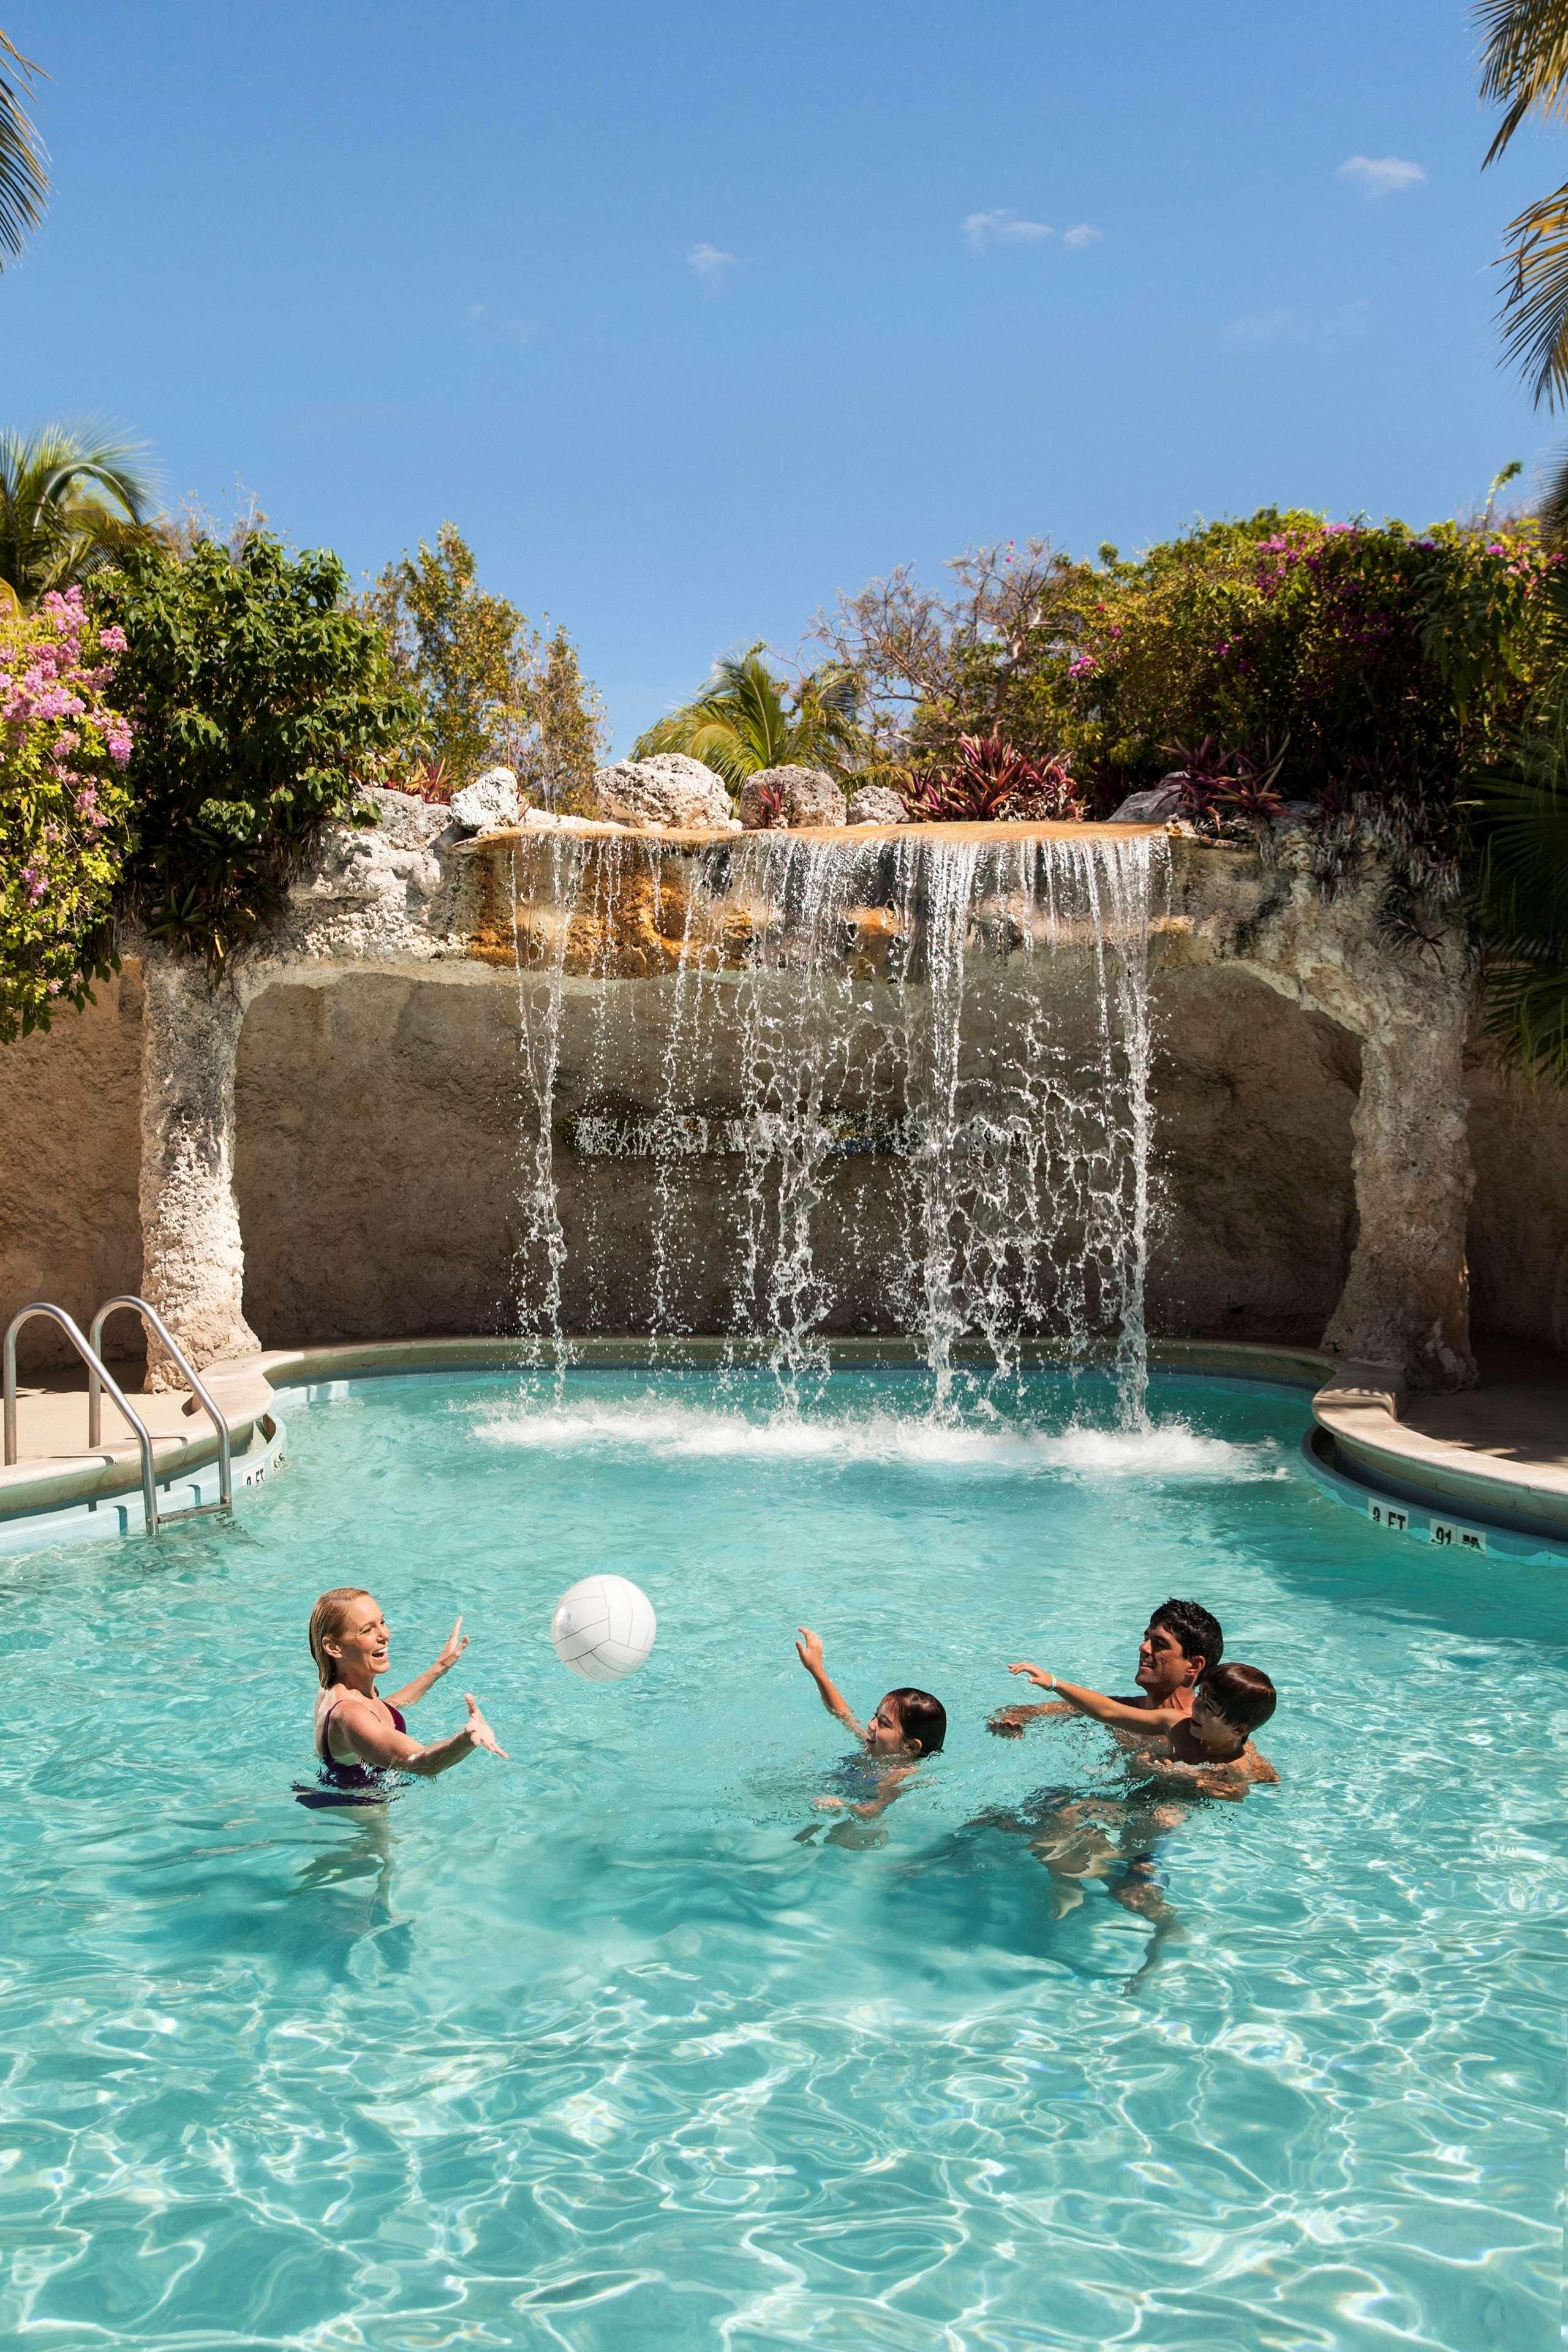 Hilton Key Largo Resort image 46